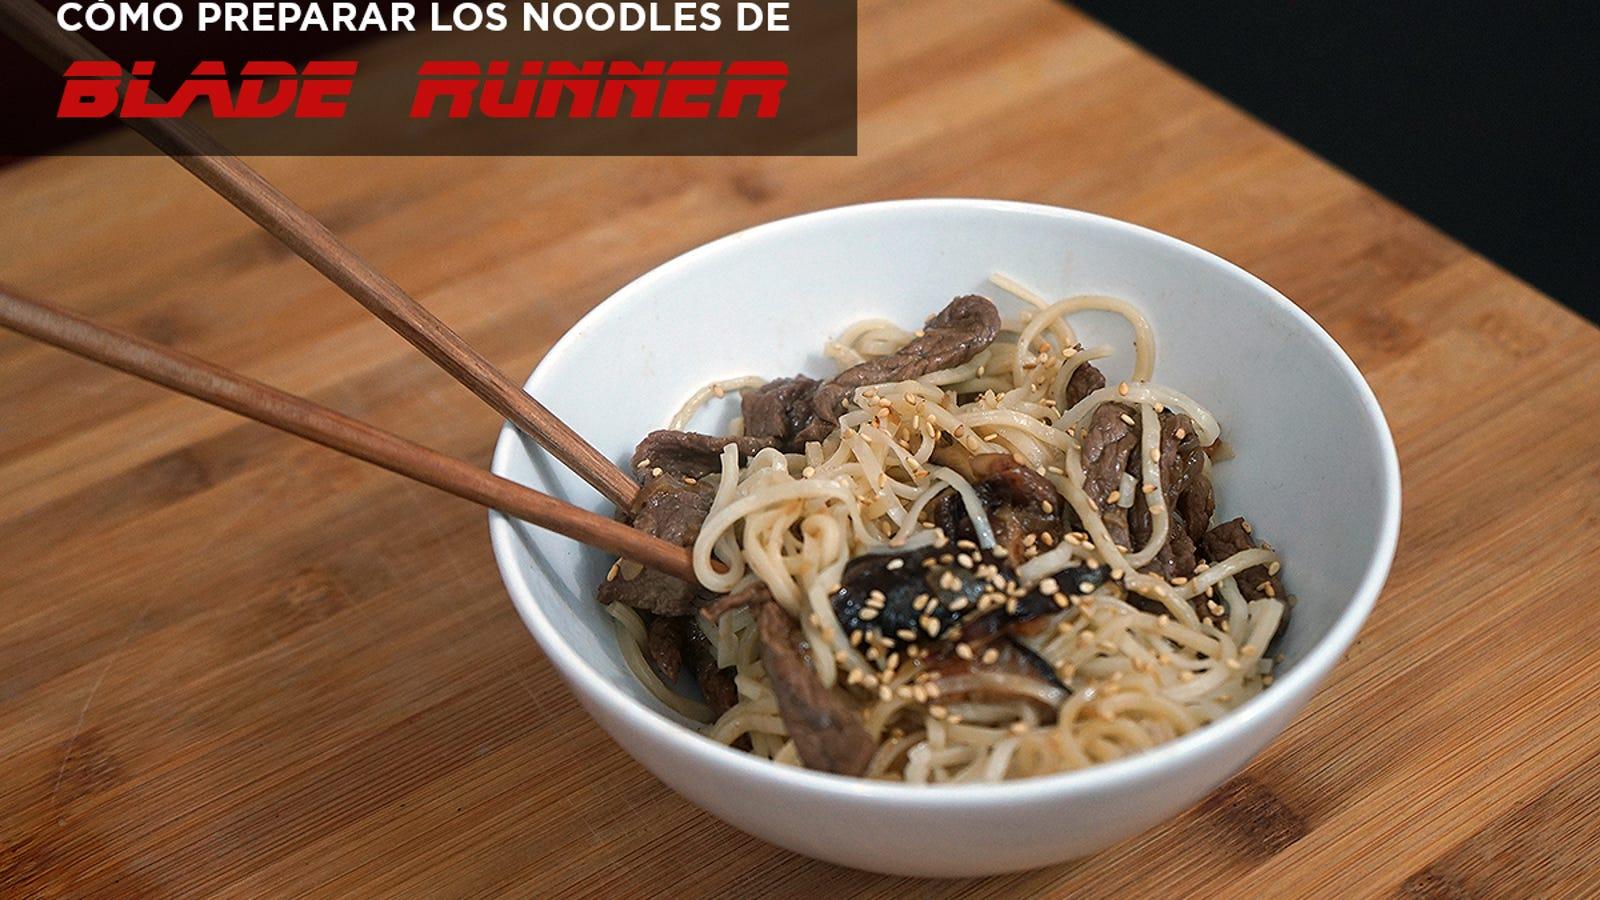 Cómo preparar los noodles con ternera y setas de Blade Runner